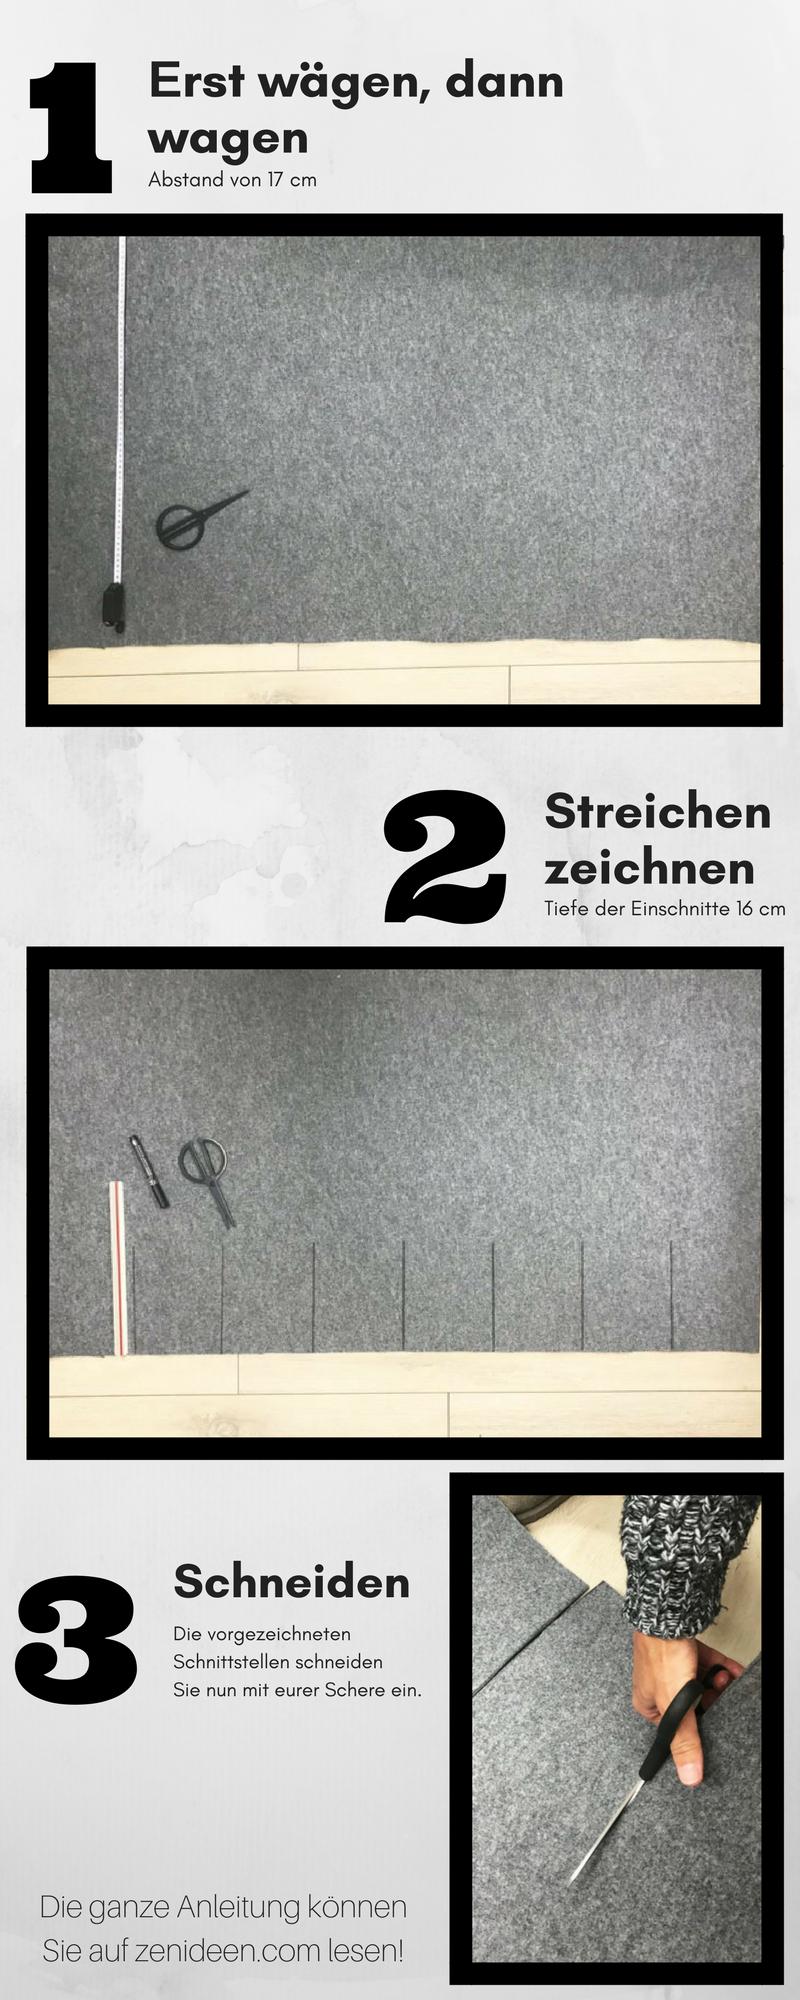 Wäschekorb selber basteln - Schritt 2: Der Filz wird mit 7 Einschnitten im Abstand von 17 cm und Tiefe von 16 cm geschnitten.